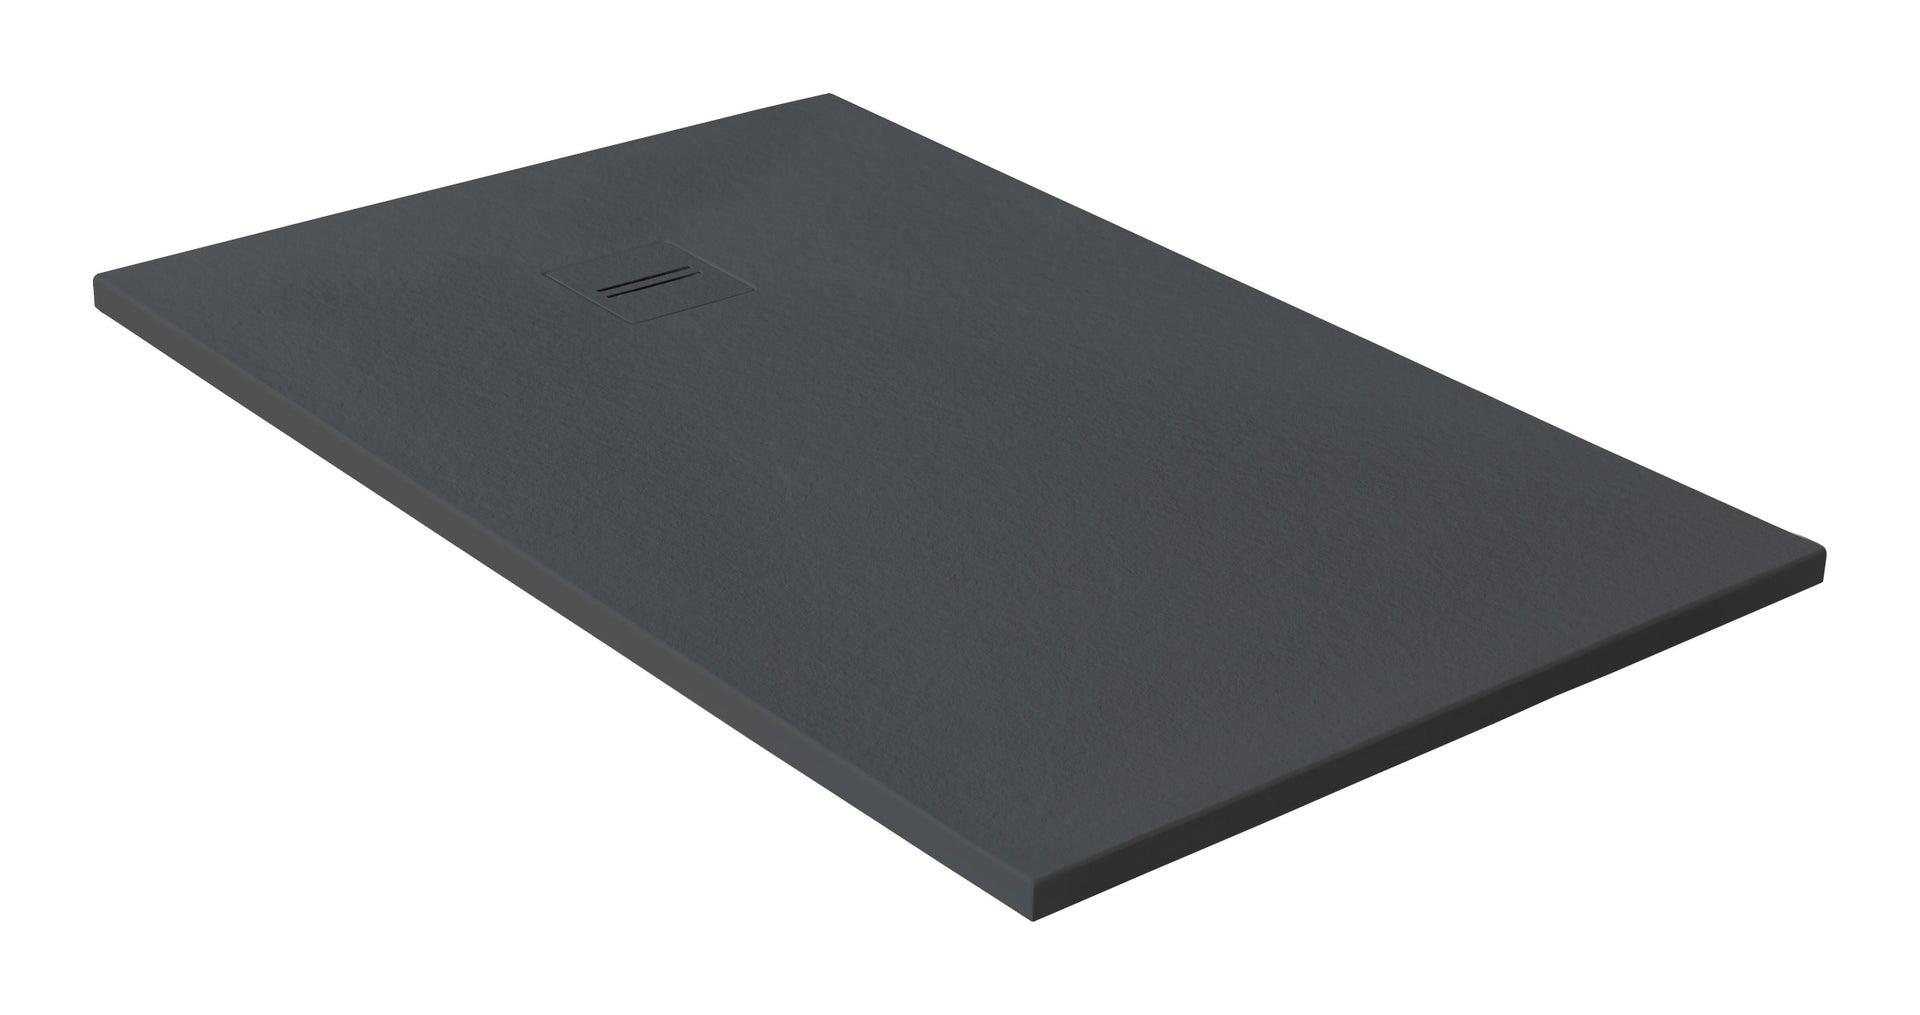 Piatto doccia ultrasottile resina Cosmos Stone 100 x 120 cm grigio - 1